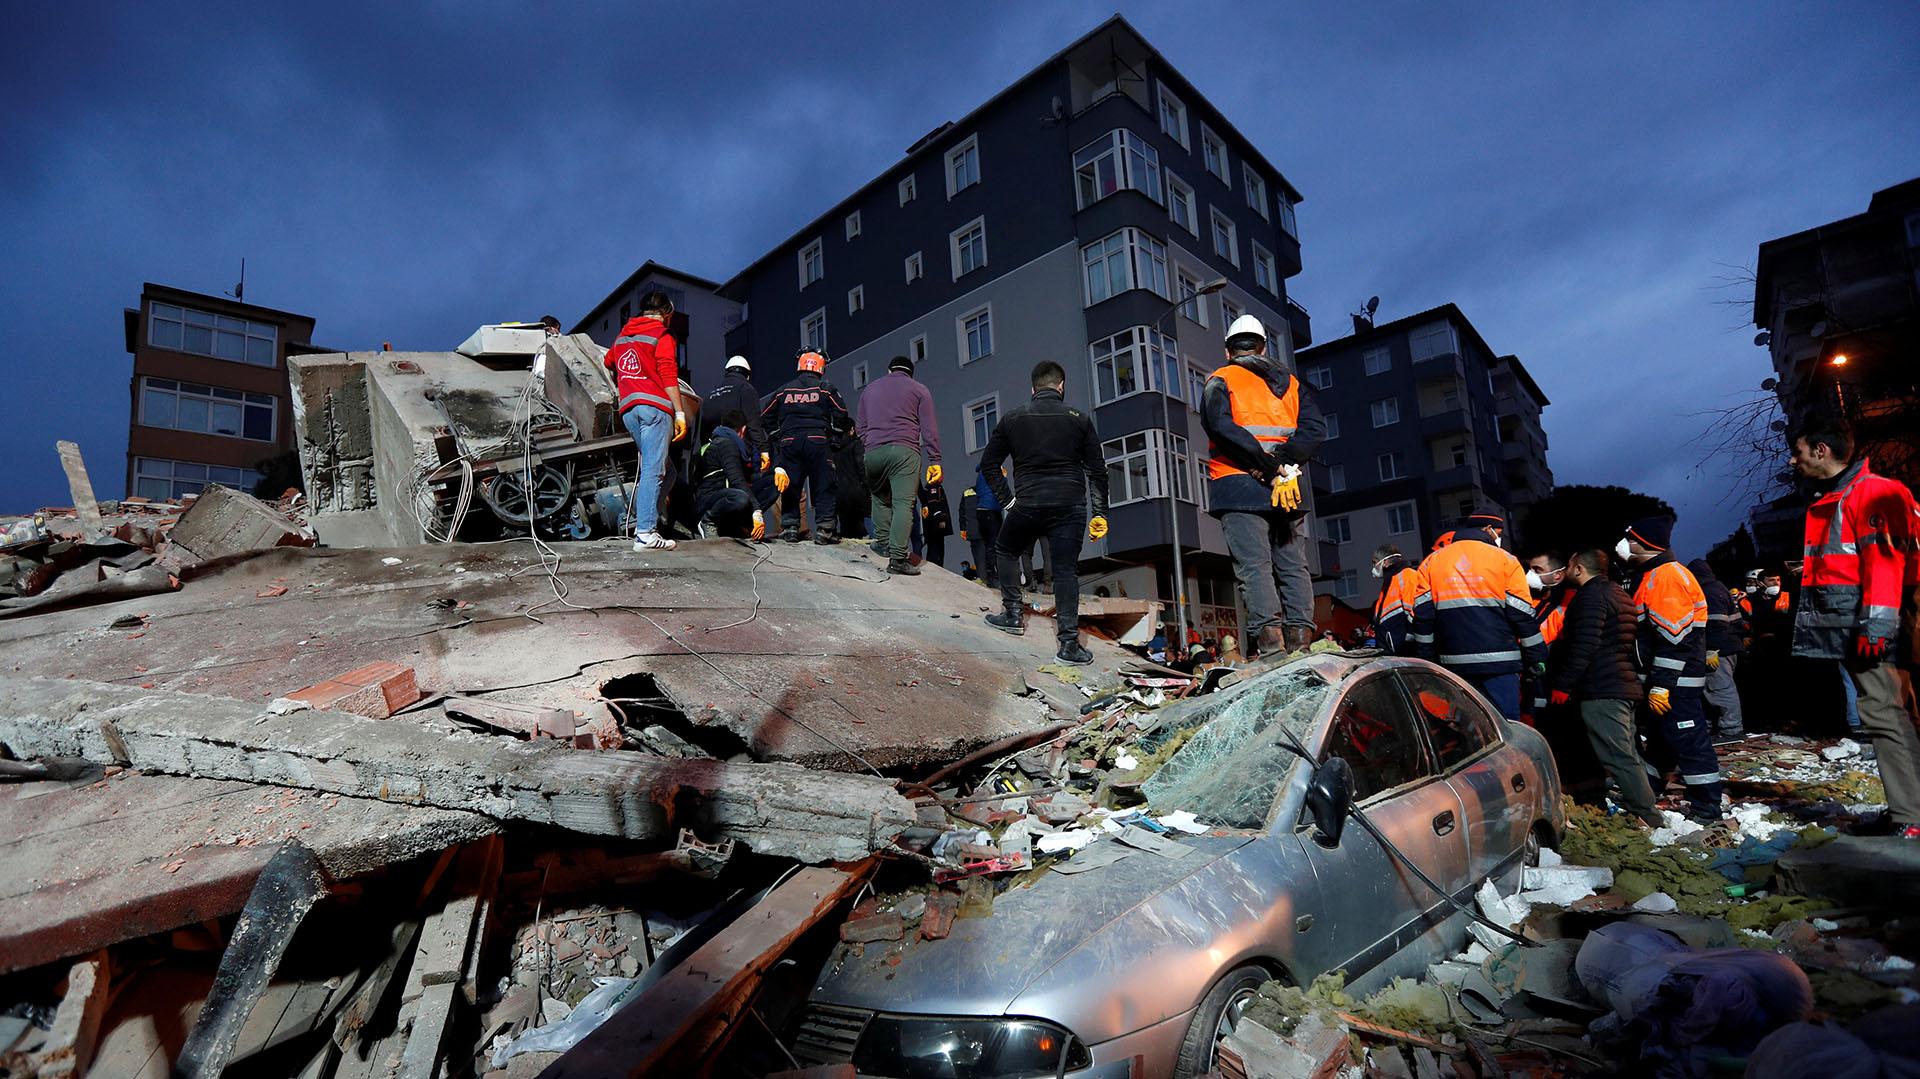 Al momento se desconoce la causa del derrumbe, pero se ha descartado una explosión (Reuters)